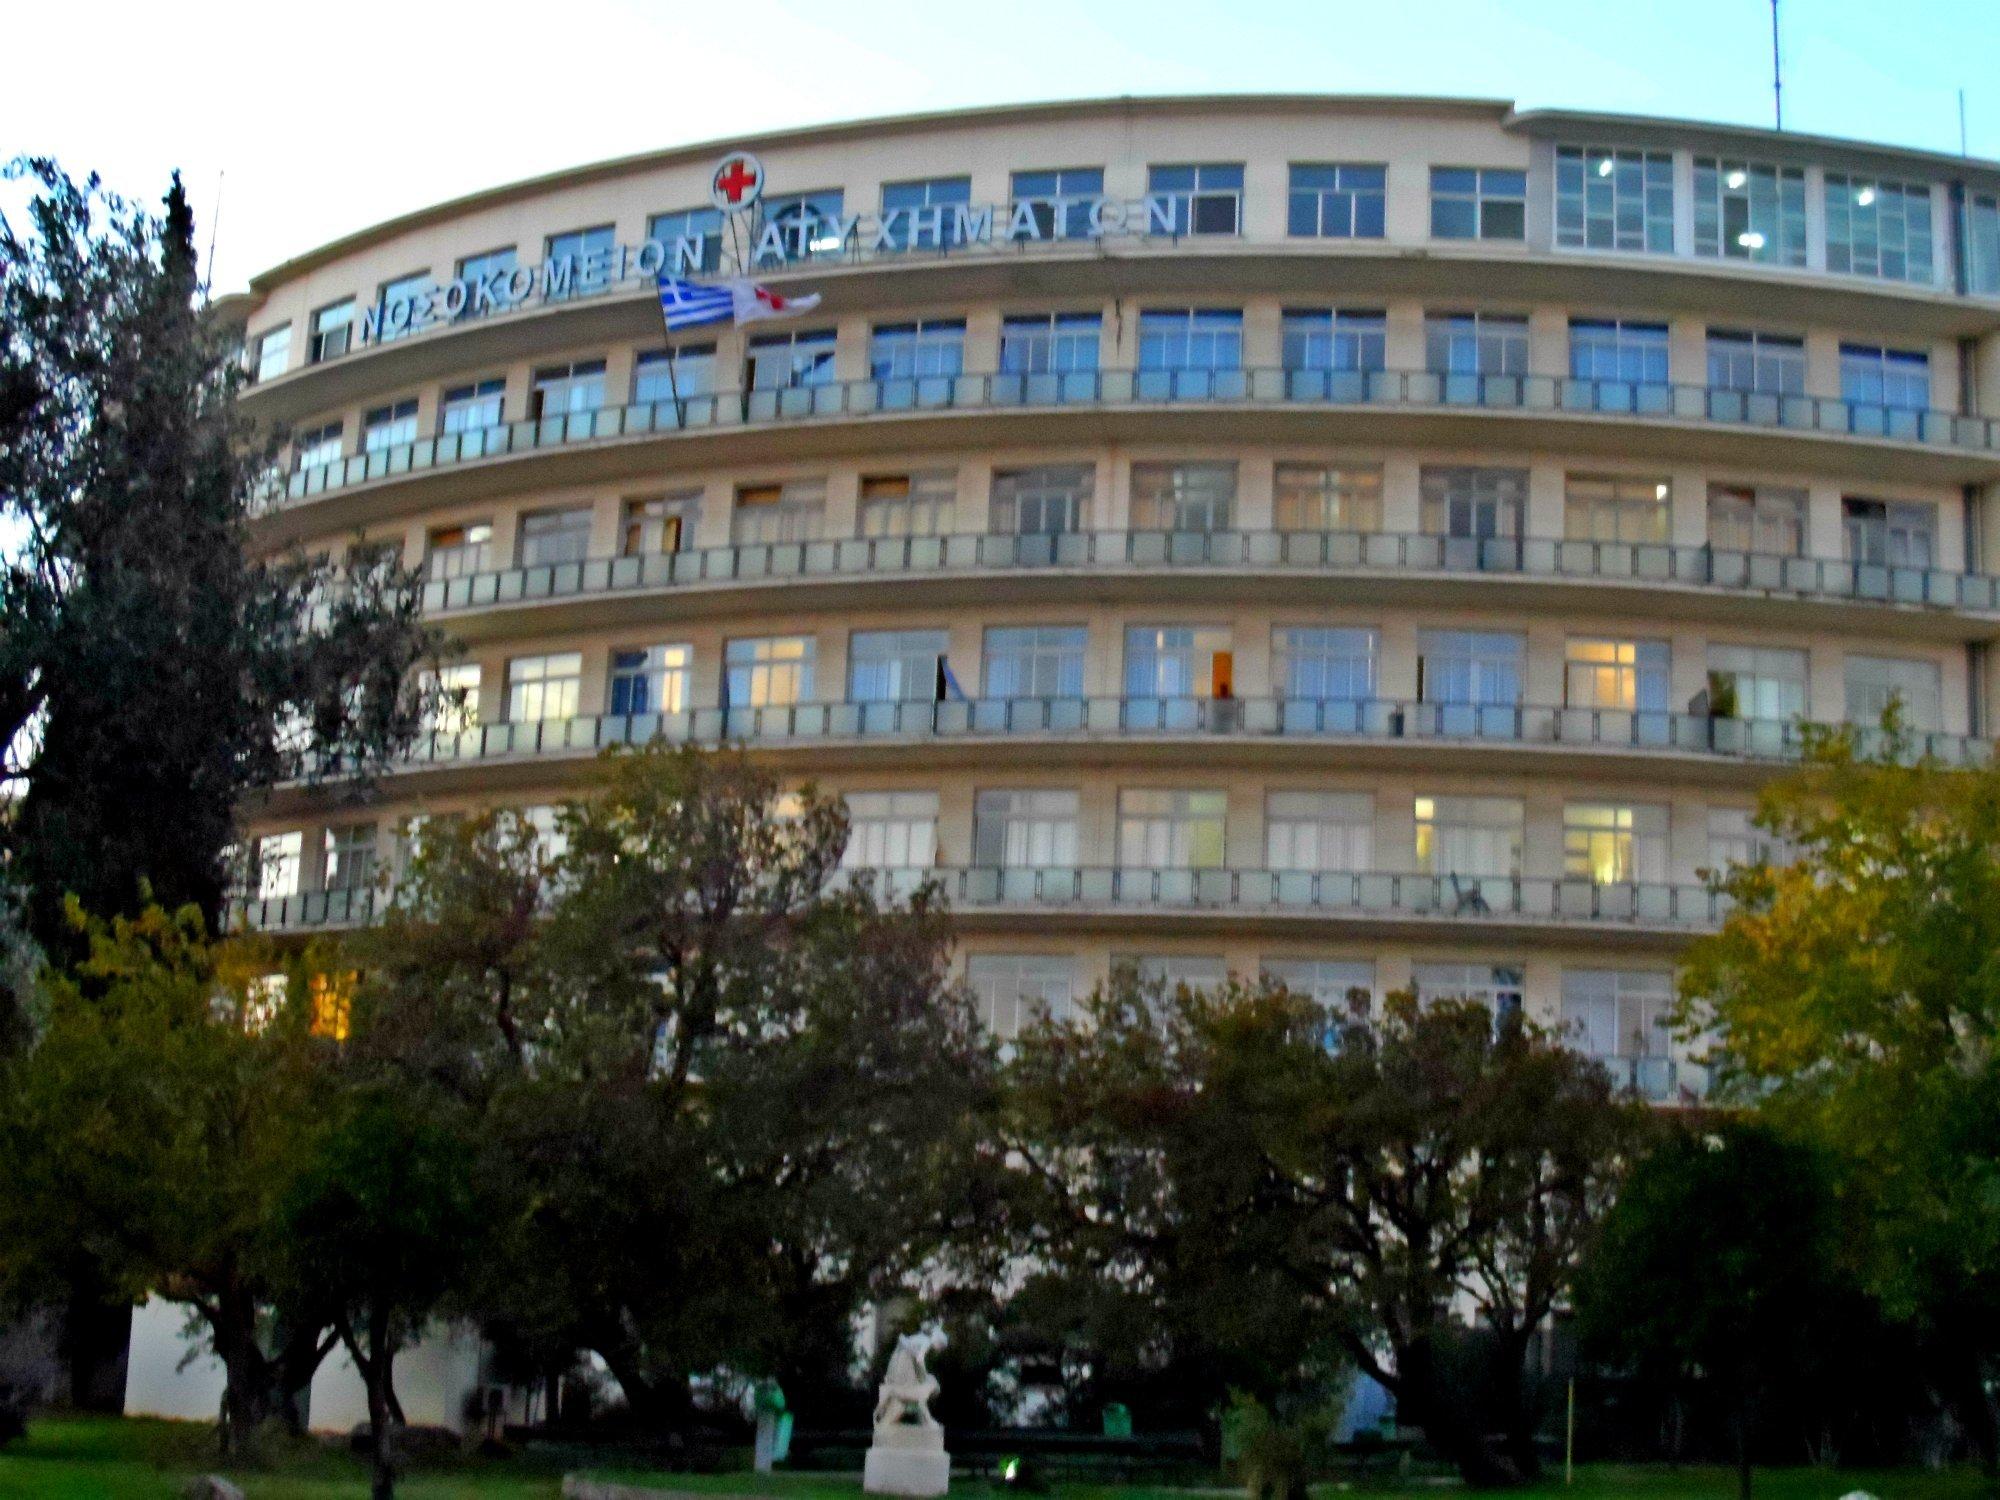 Τραυματίστηκε σοβαρά ο γιος του φρούραρχου της Βουλής σε ποδοσφαιρικό